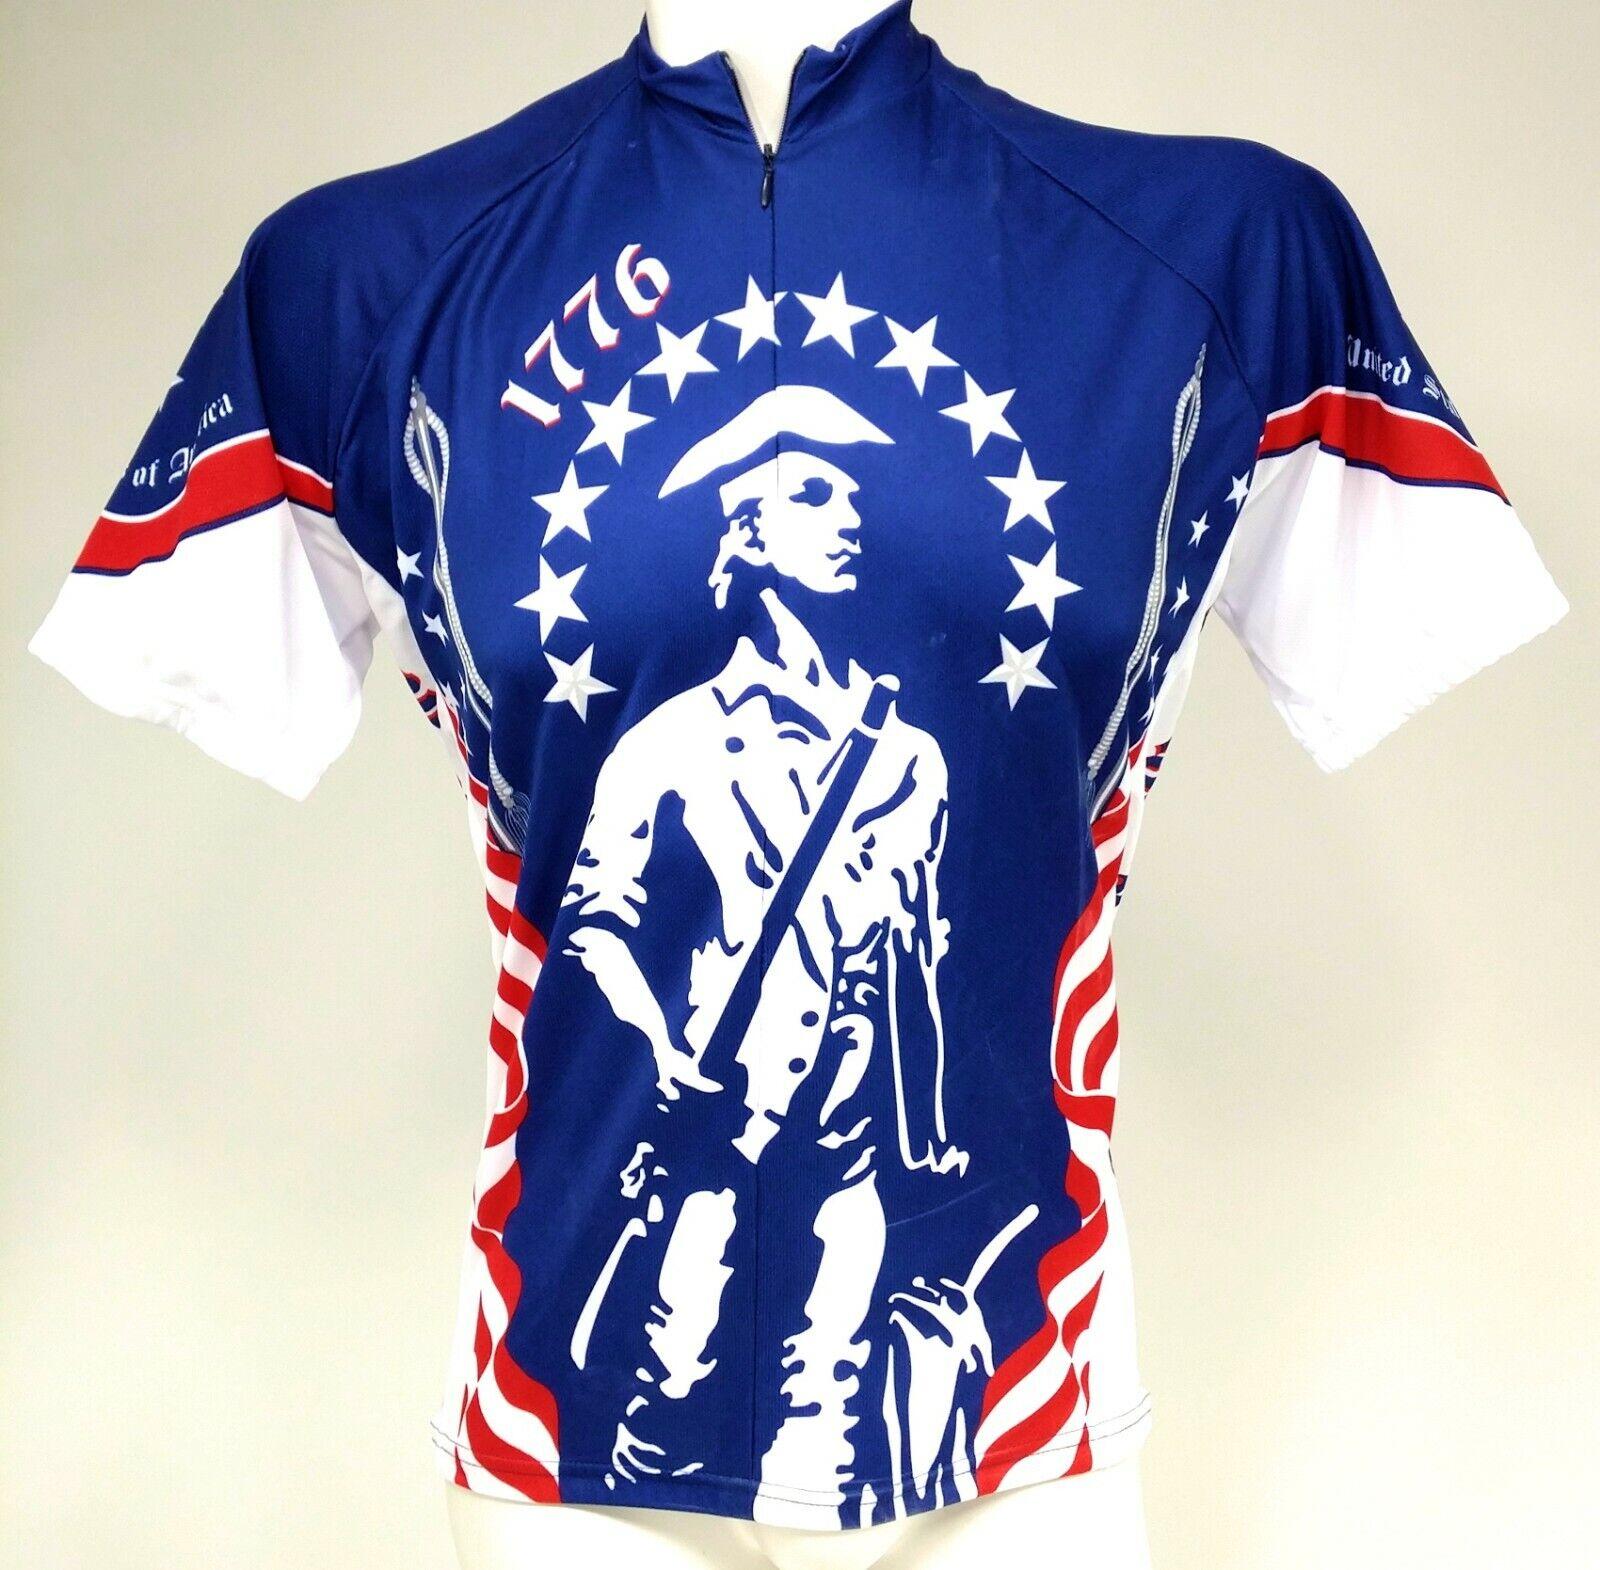 World Jerseys 1776 Mens Cycling Jersey Blue/white Large Bike